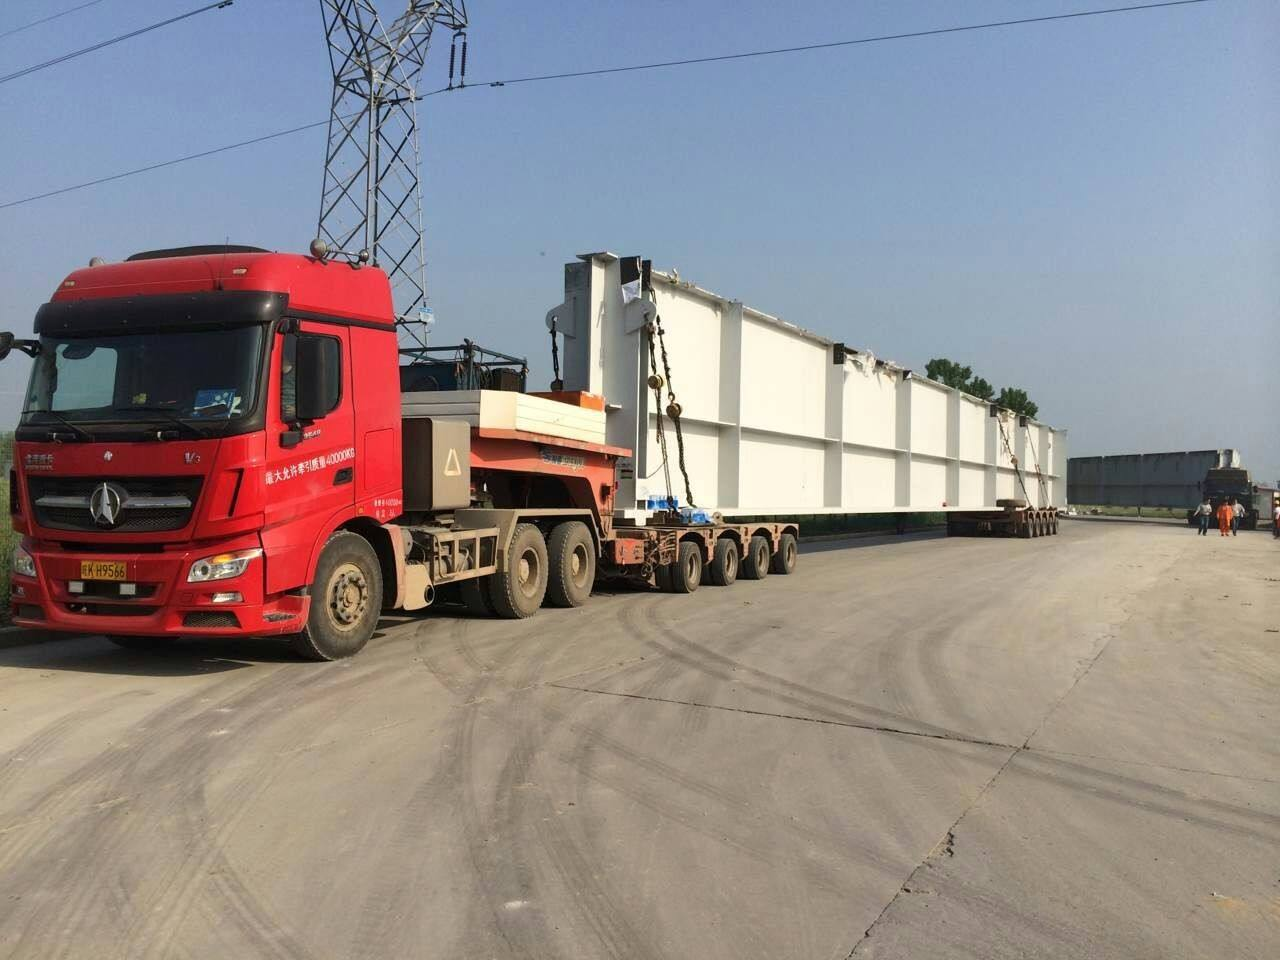 正宗货运公司运输_货运公司联系电话相关-湖南博渡物流有限公司